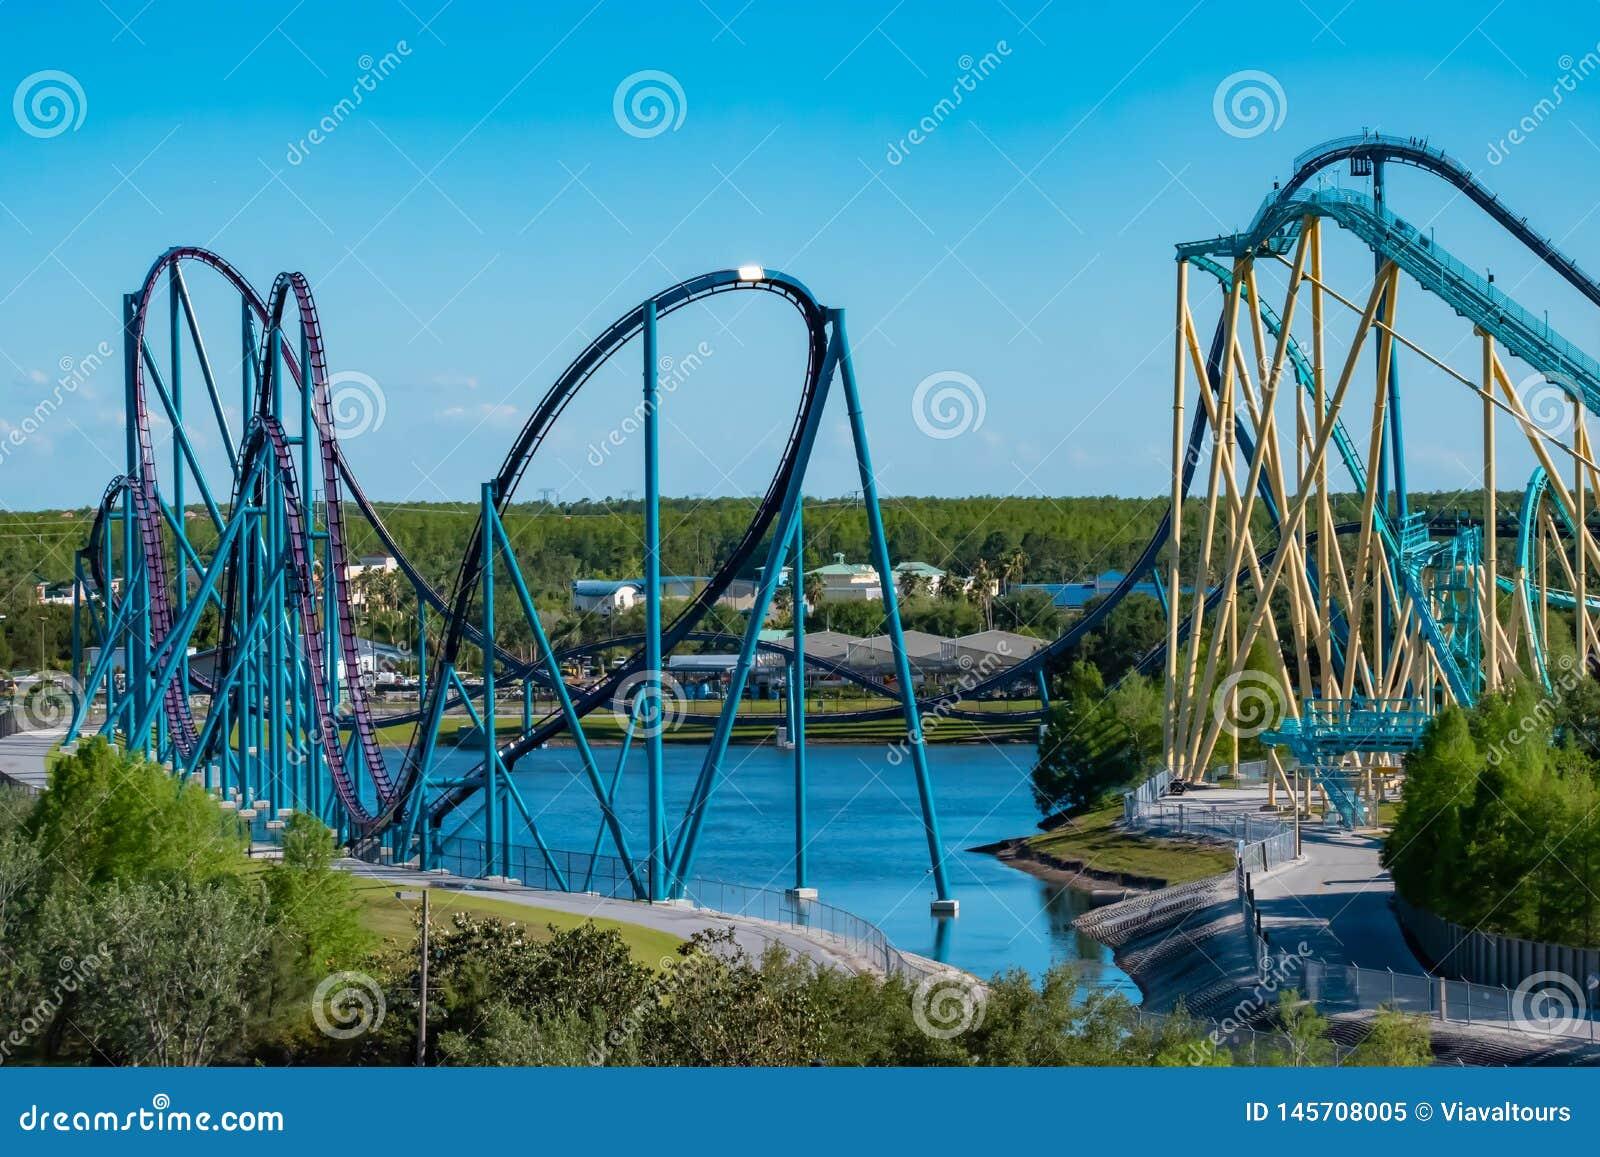 Εναέρια άποψη της Mako και rollercoasters Kraken στο ανοικτό μπλε υπόβαθρο ουρανού σε Seaworld στη διεθνή περιοχή Drive